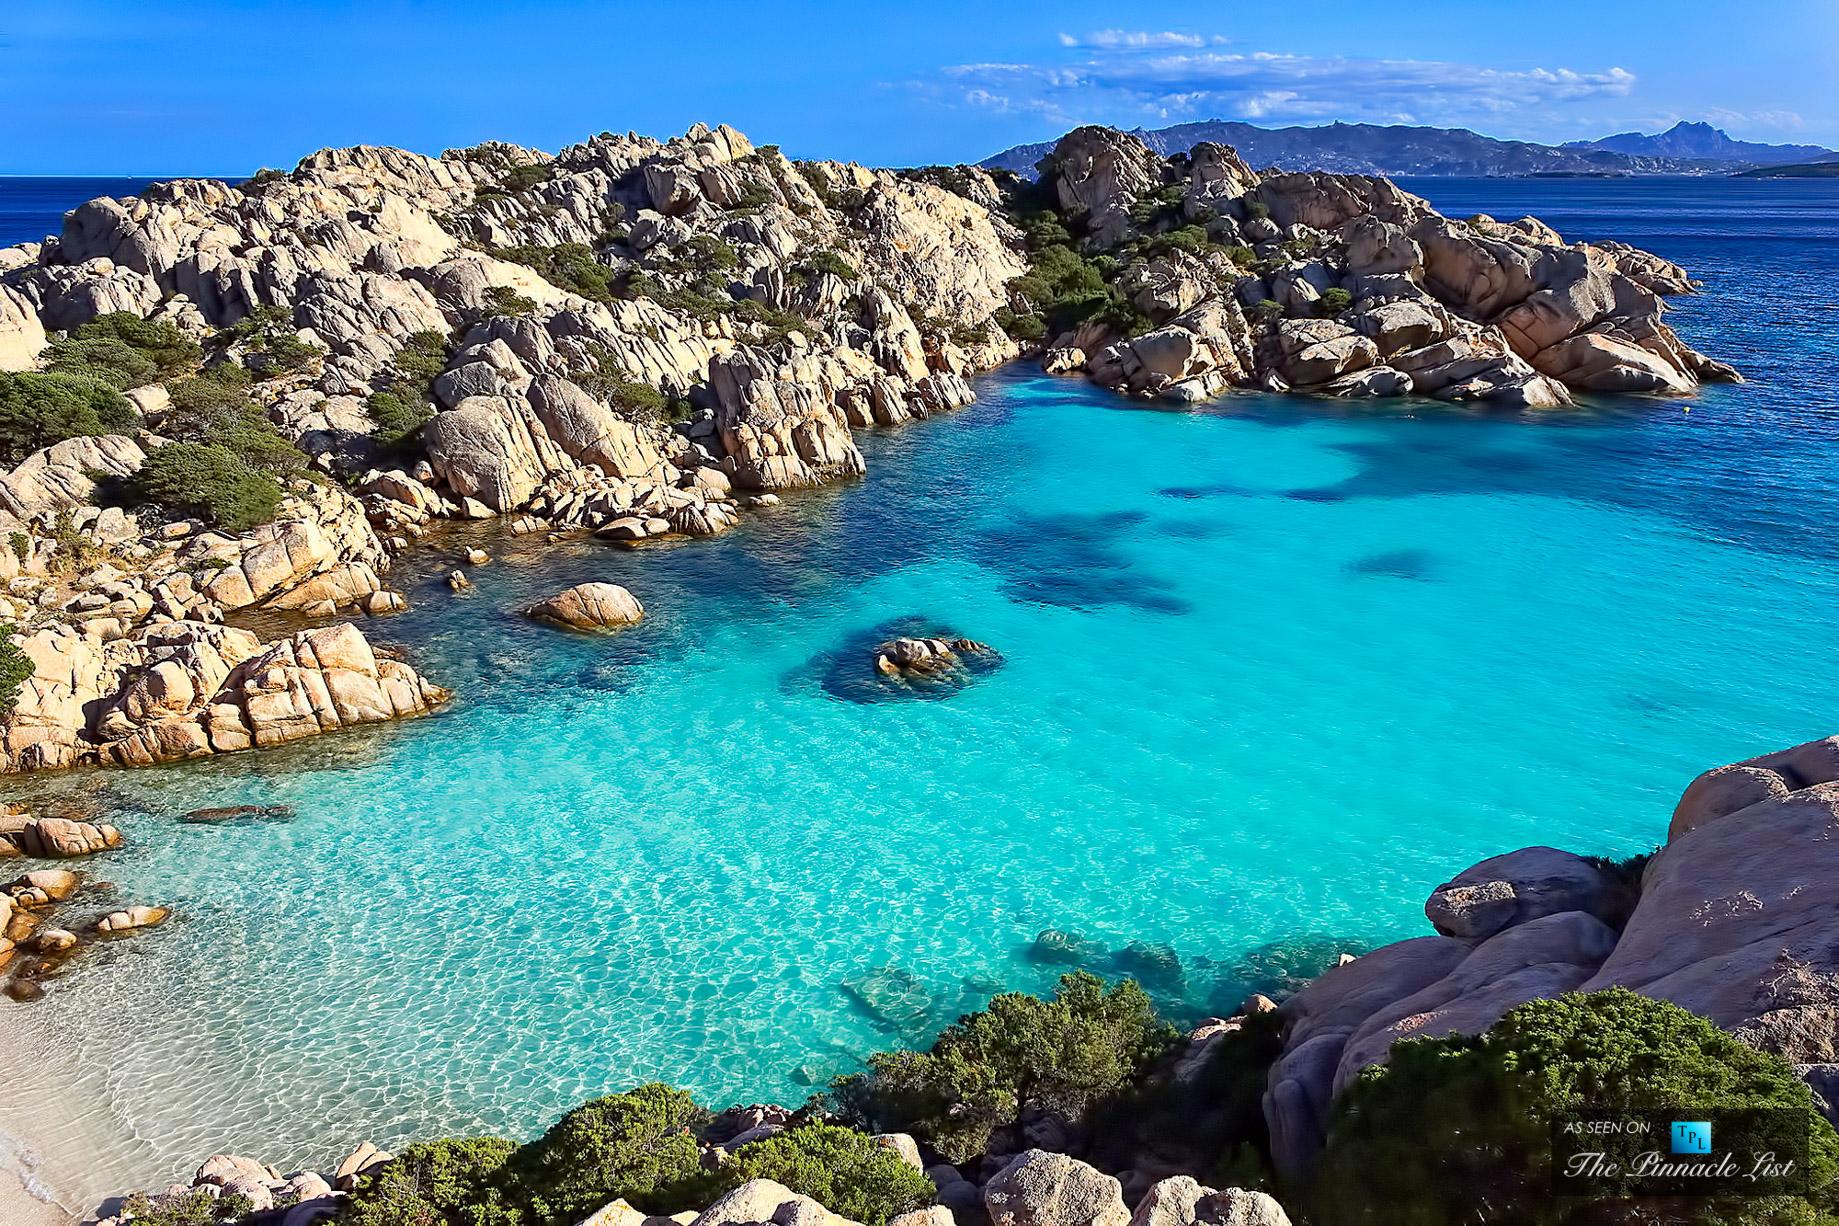 spiaggia-di-cala-coticcio-caprera-italy-spectacular-secluded-beach-arcipelago-della-maddalena